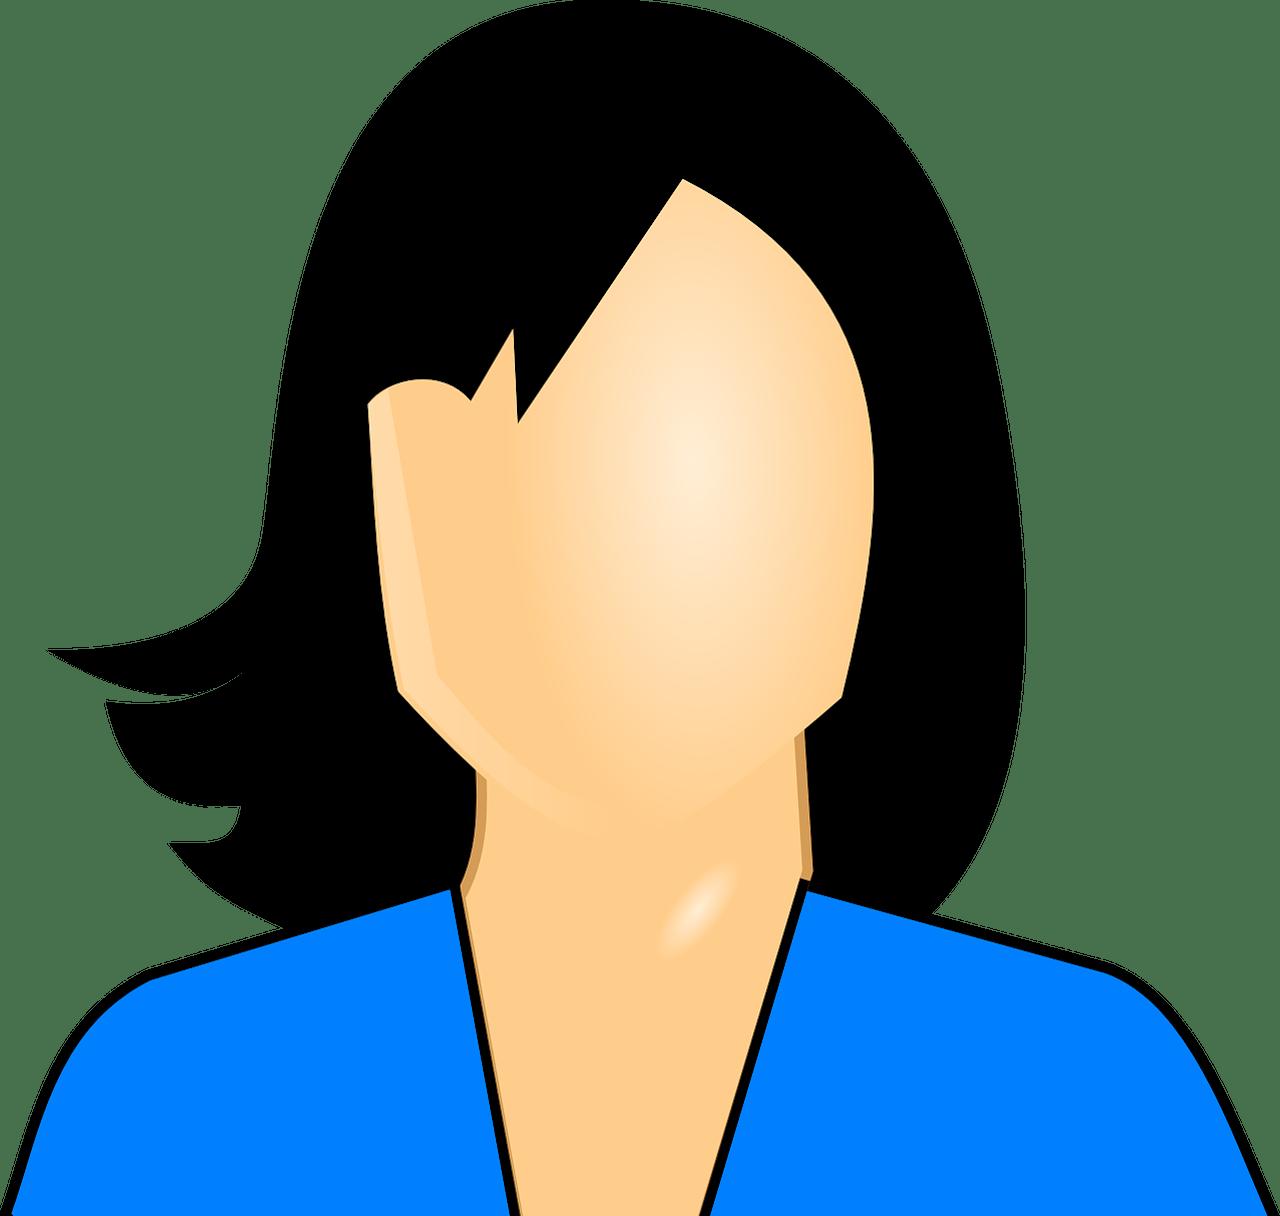 avatar bild weiblich